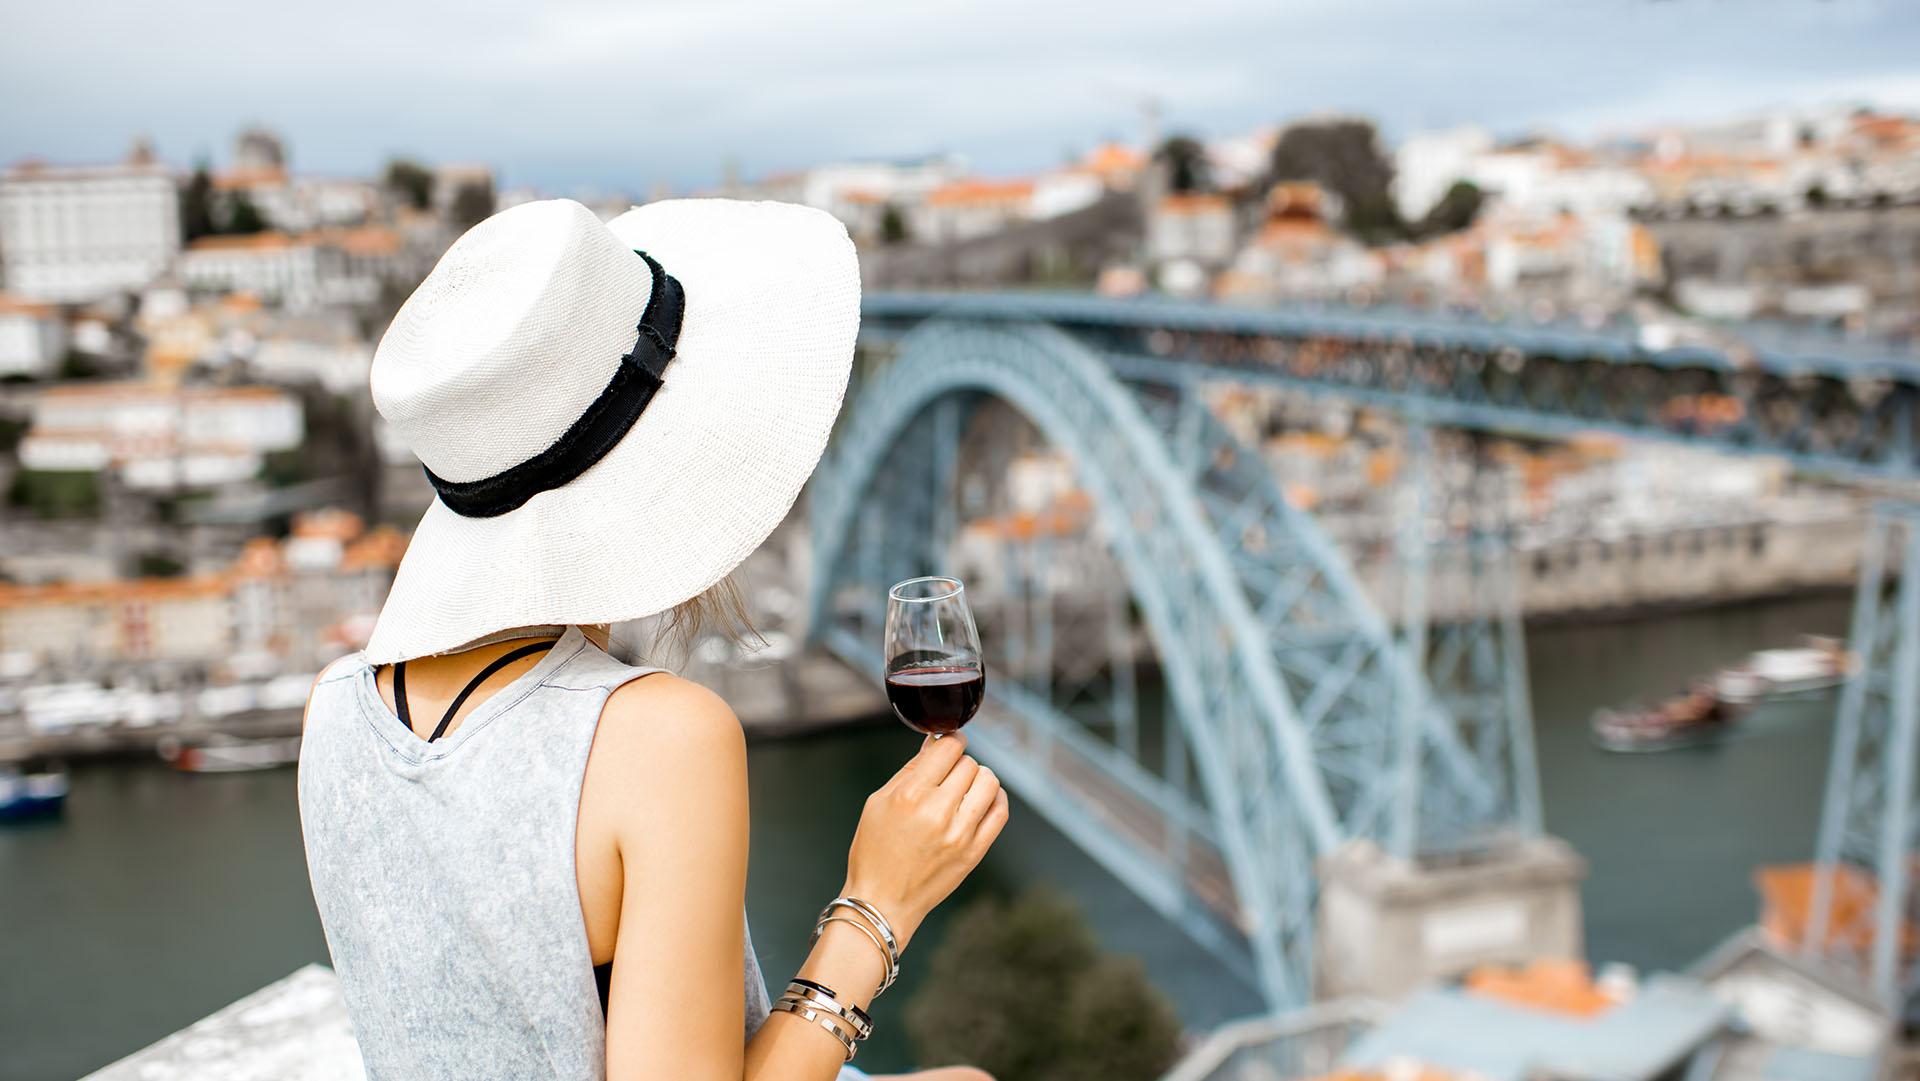 Eduarda's top picks in Portugal